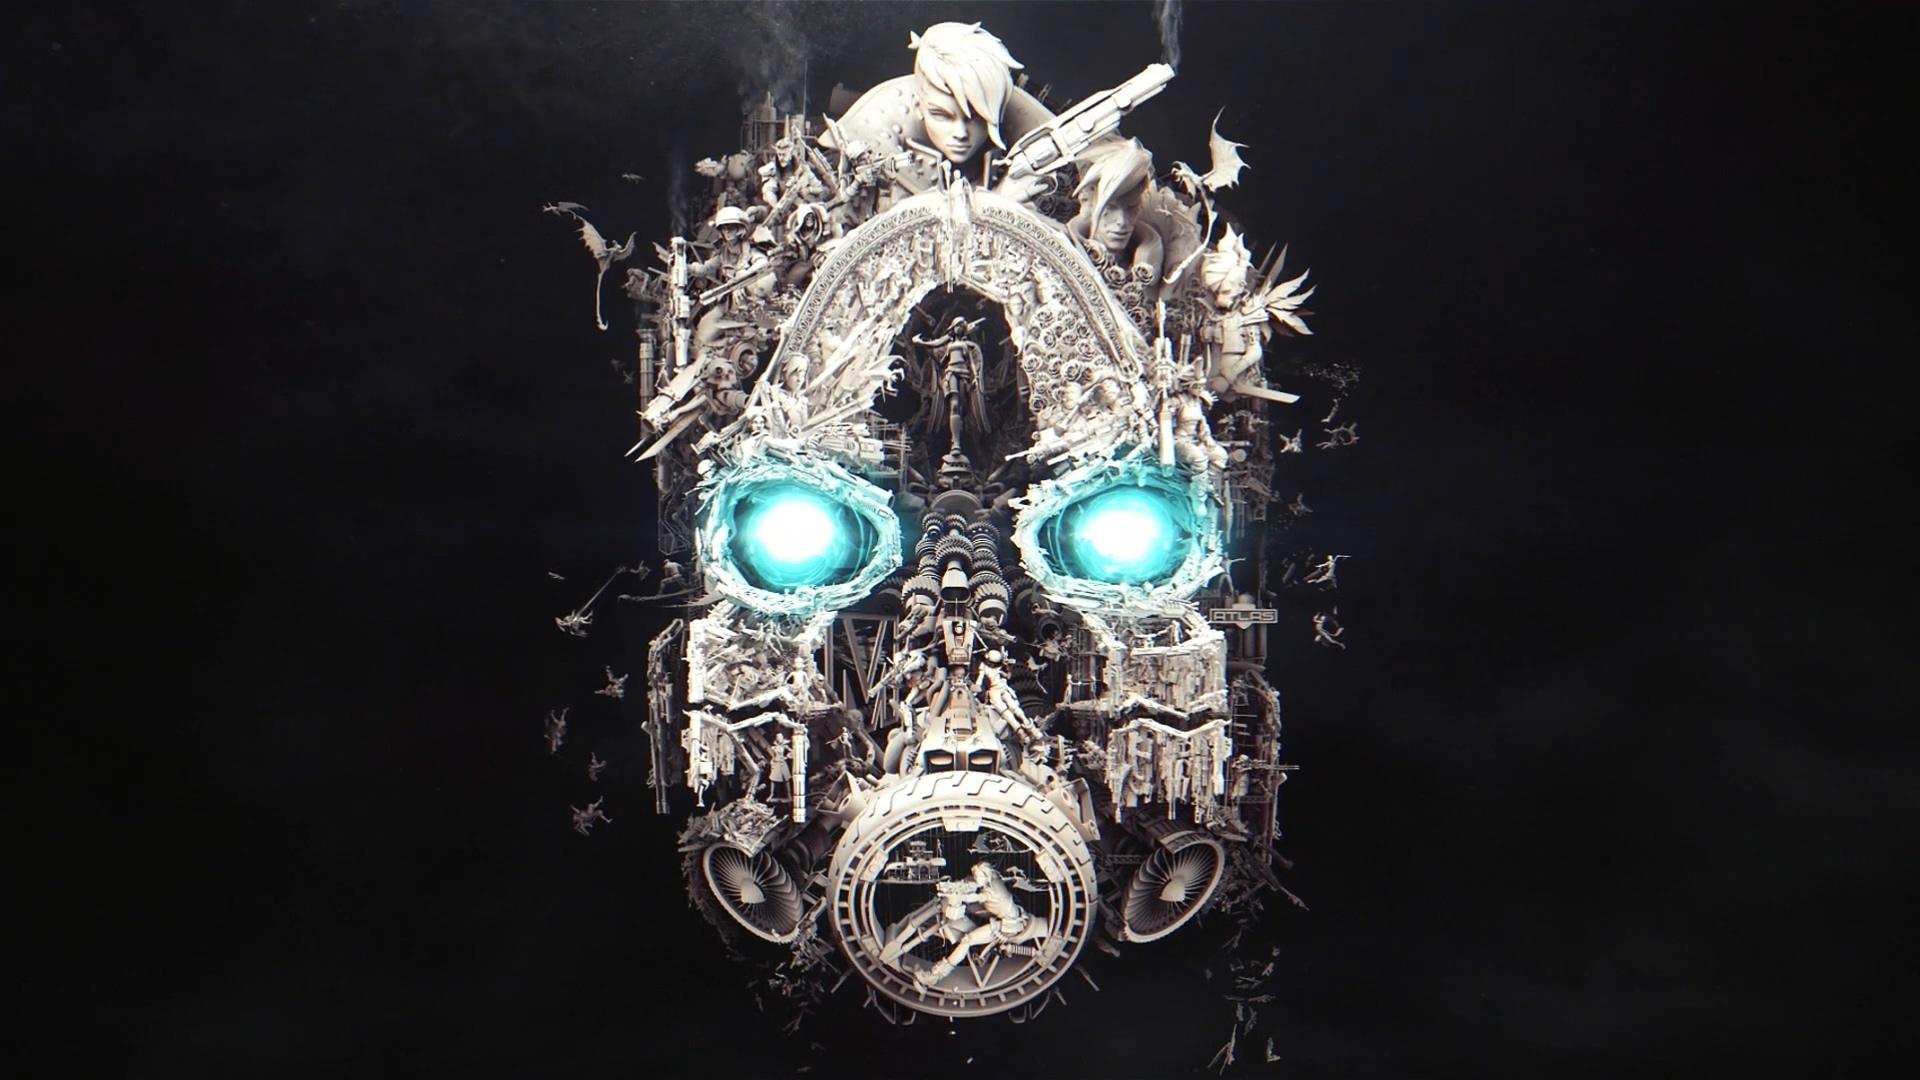 《无主之地3》 大量细节泄露 枪械可改装、NPC可复活玩家